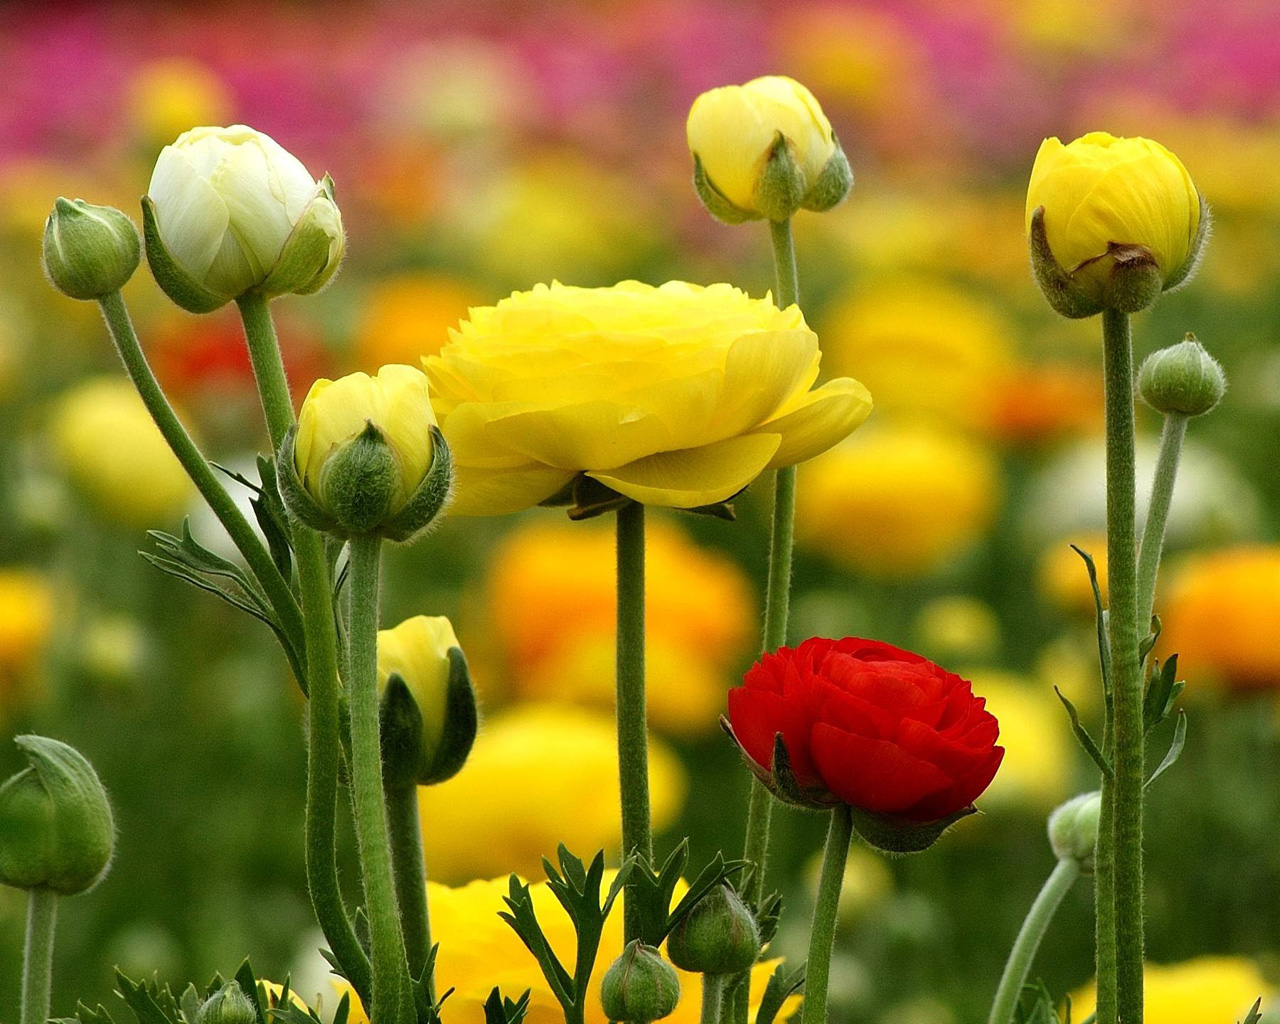 Лютик азиатский - утонченное растение невероятной красоты